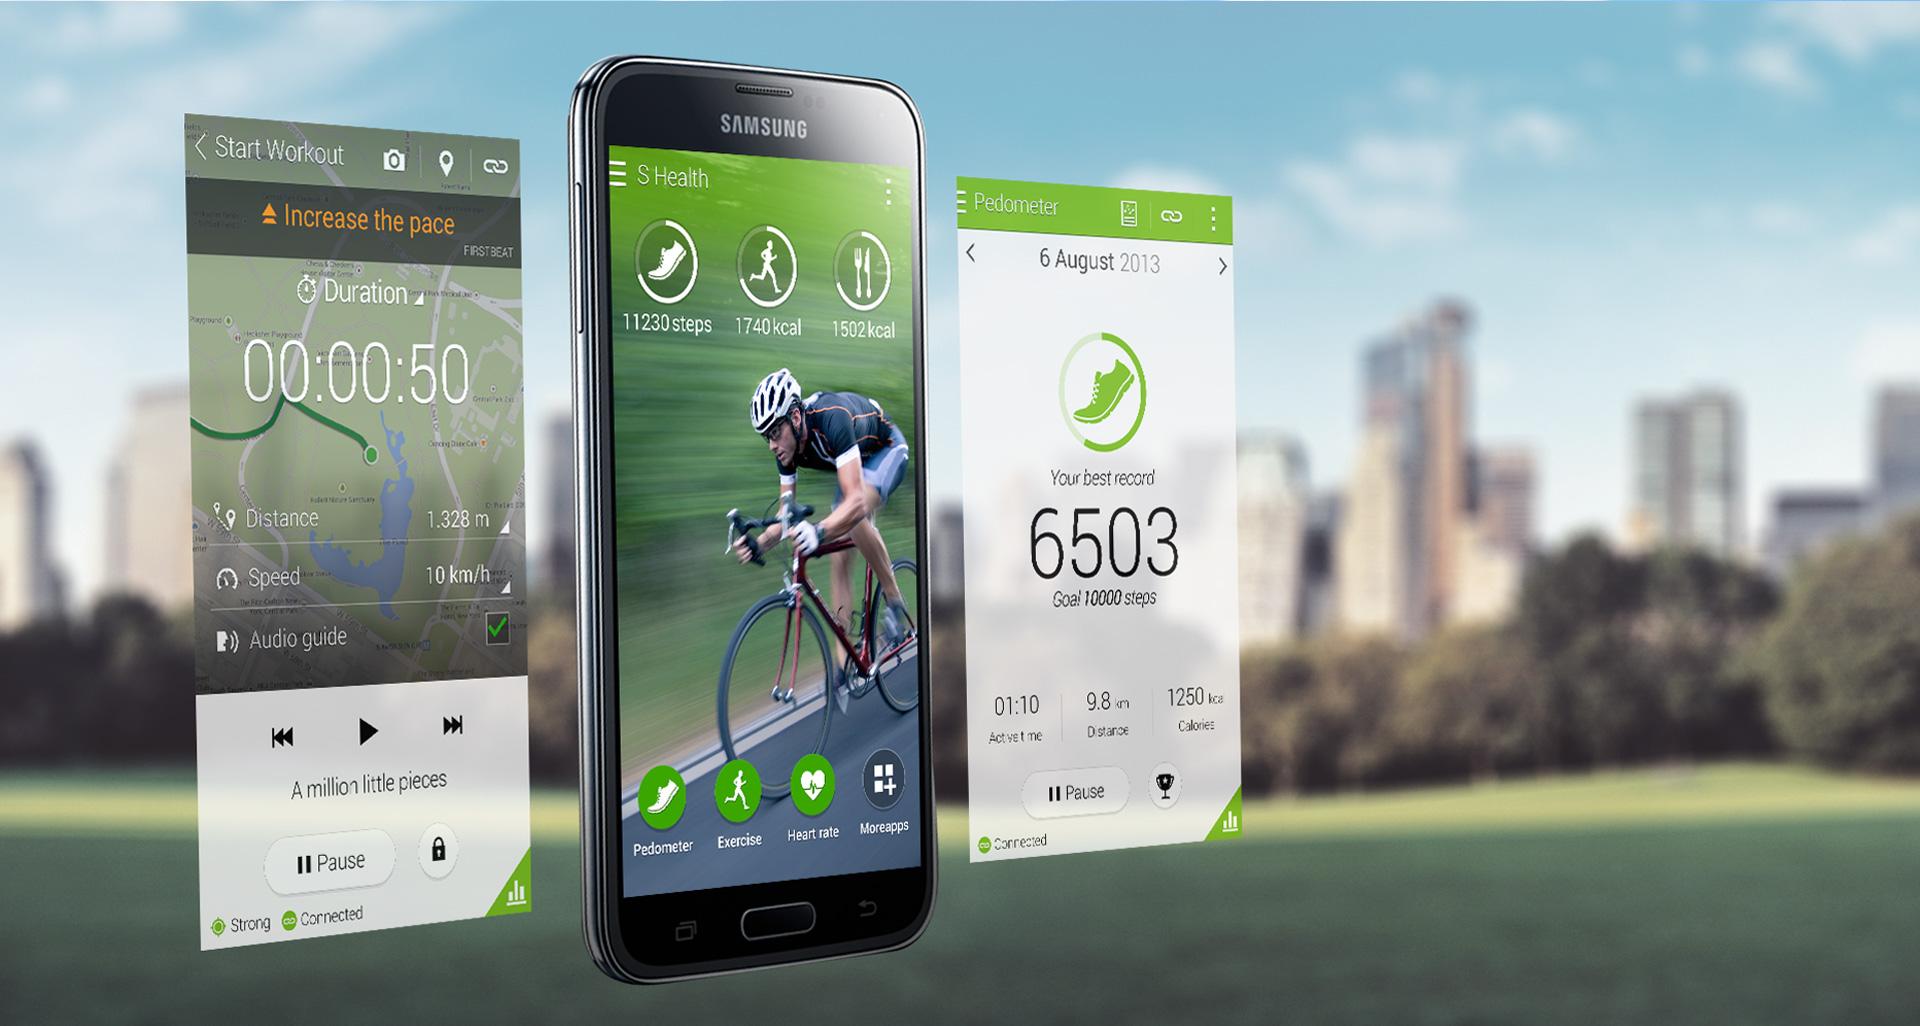 Samsung ใจดี เปิดให้มือถือยี่ห้ออื่น โหลดแอพฯ S Health ไปใช้ได้แล้วฟรีๆ